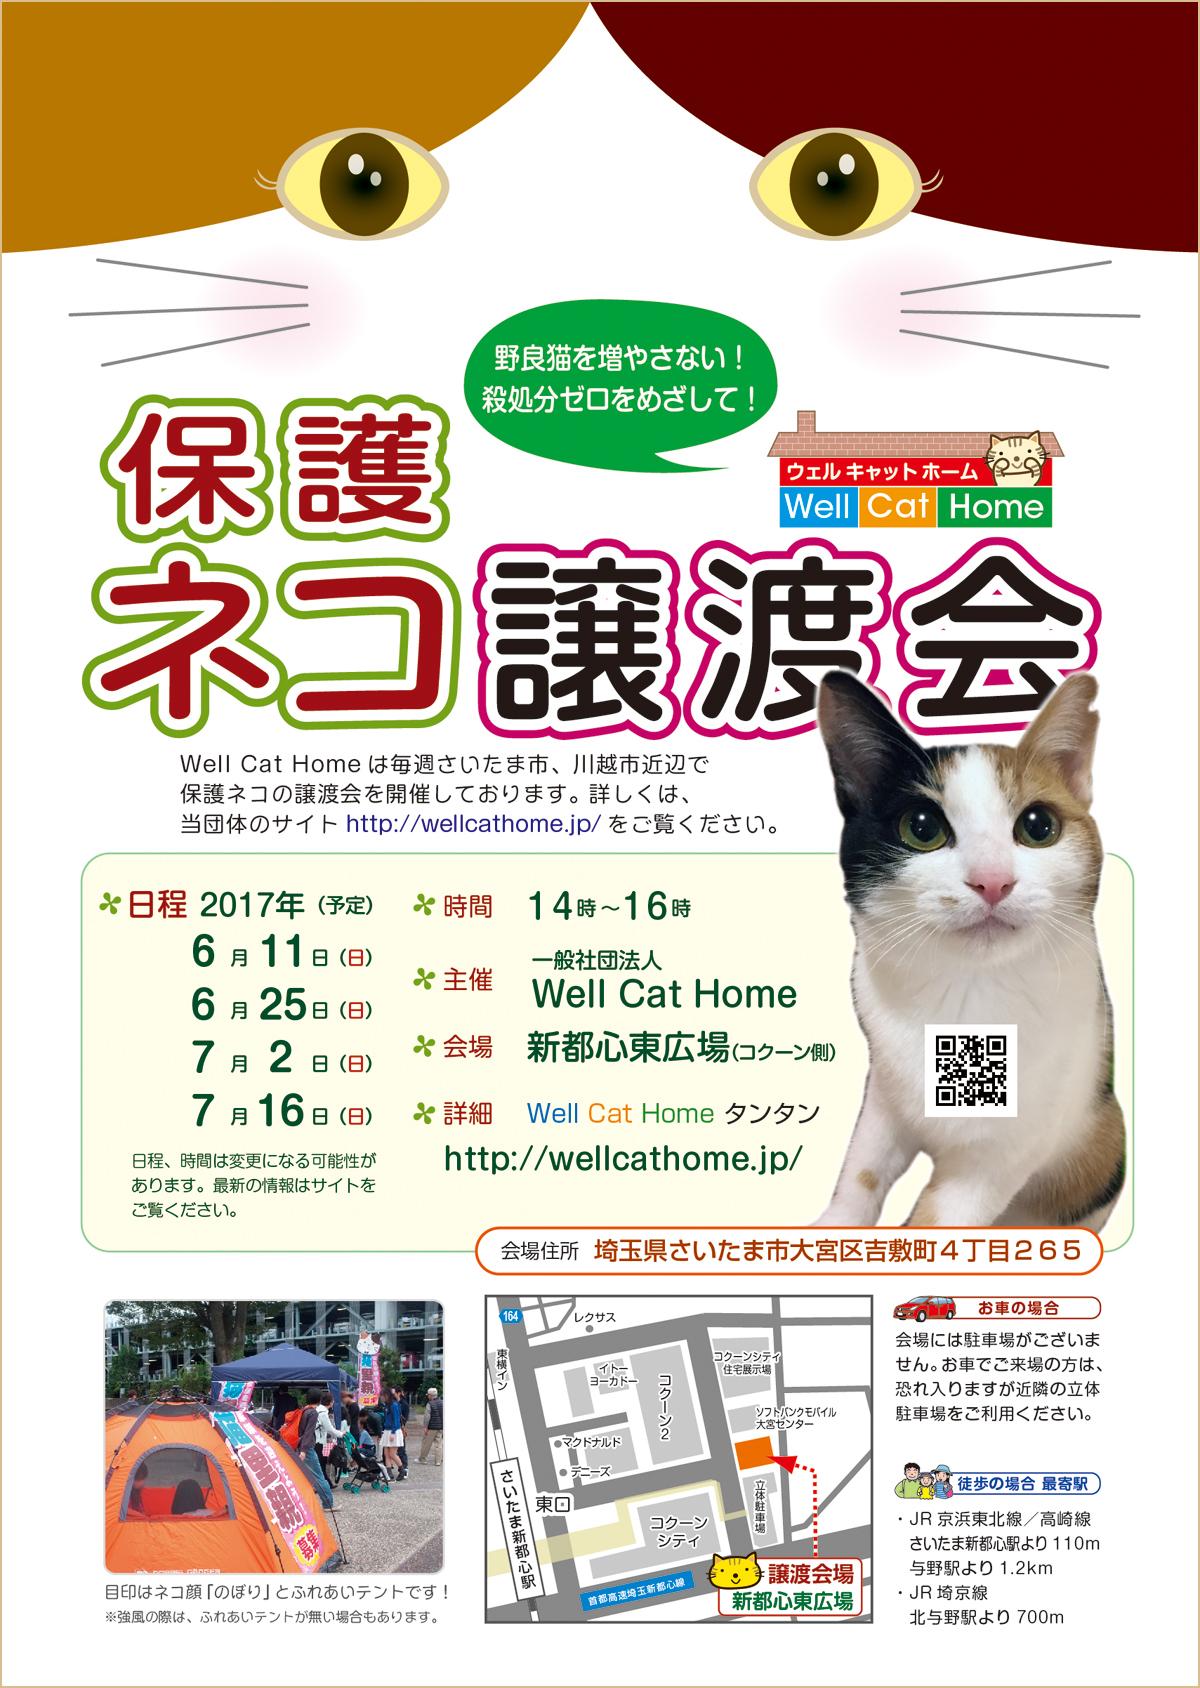 shintoshin_higashihiroba2017_6_7.jpg